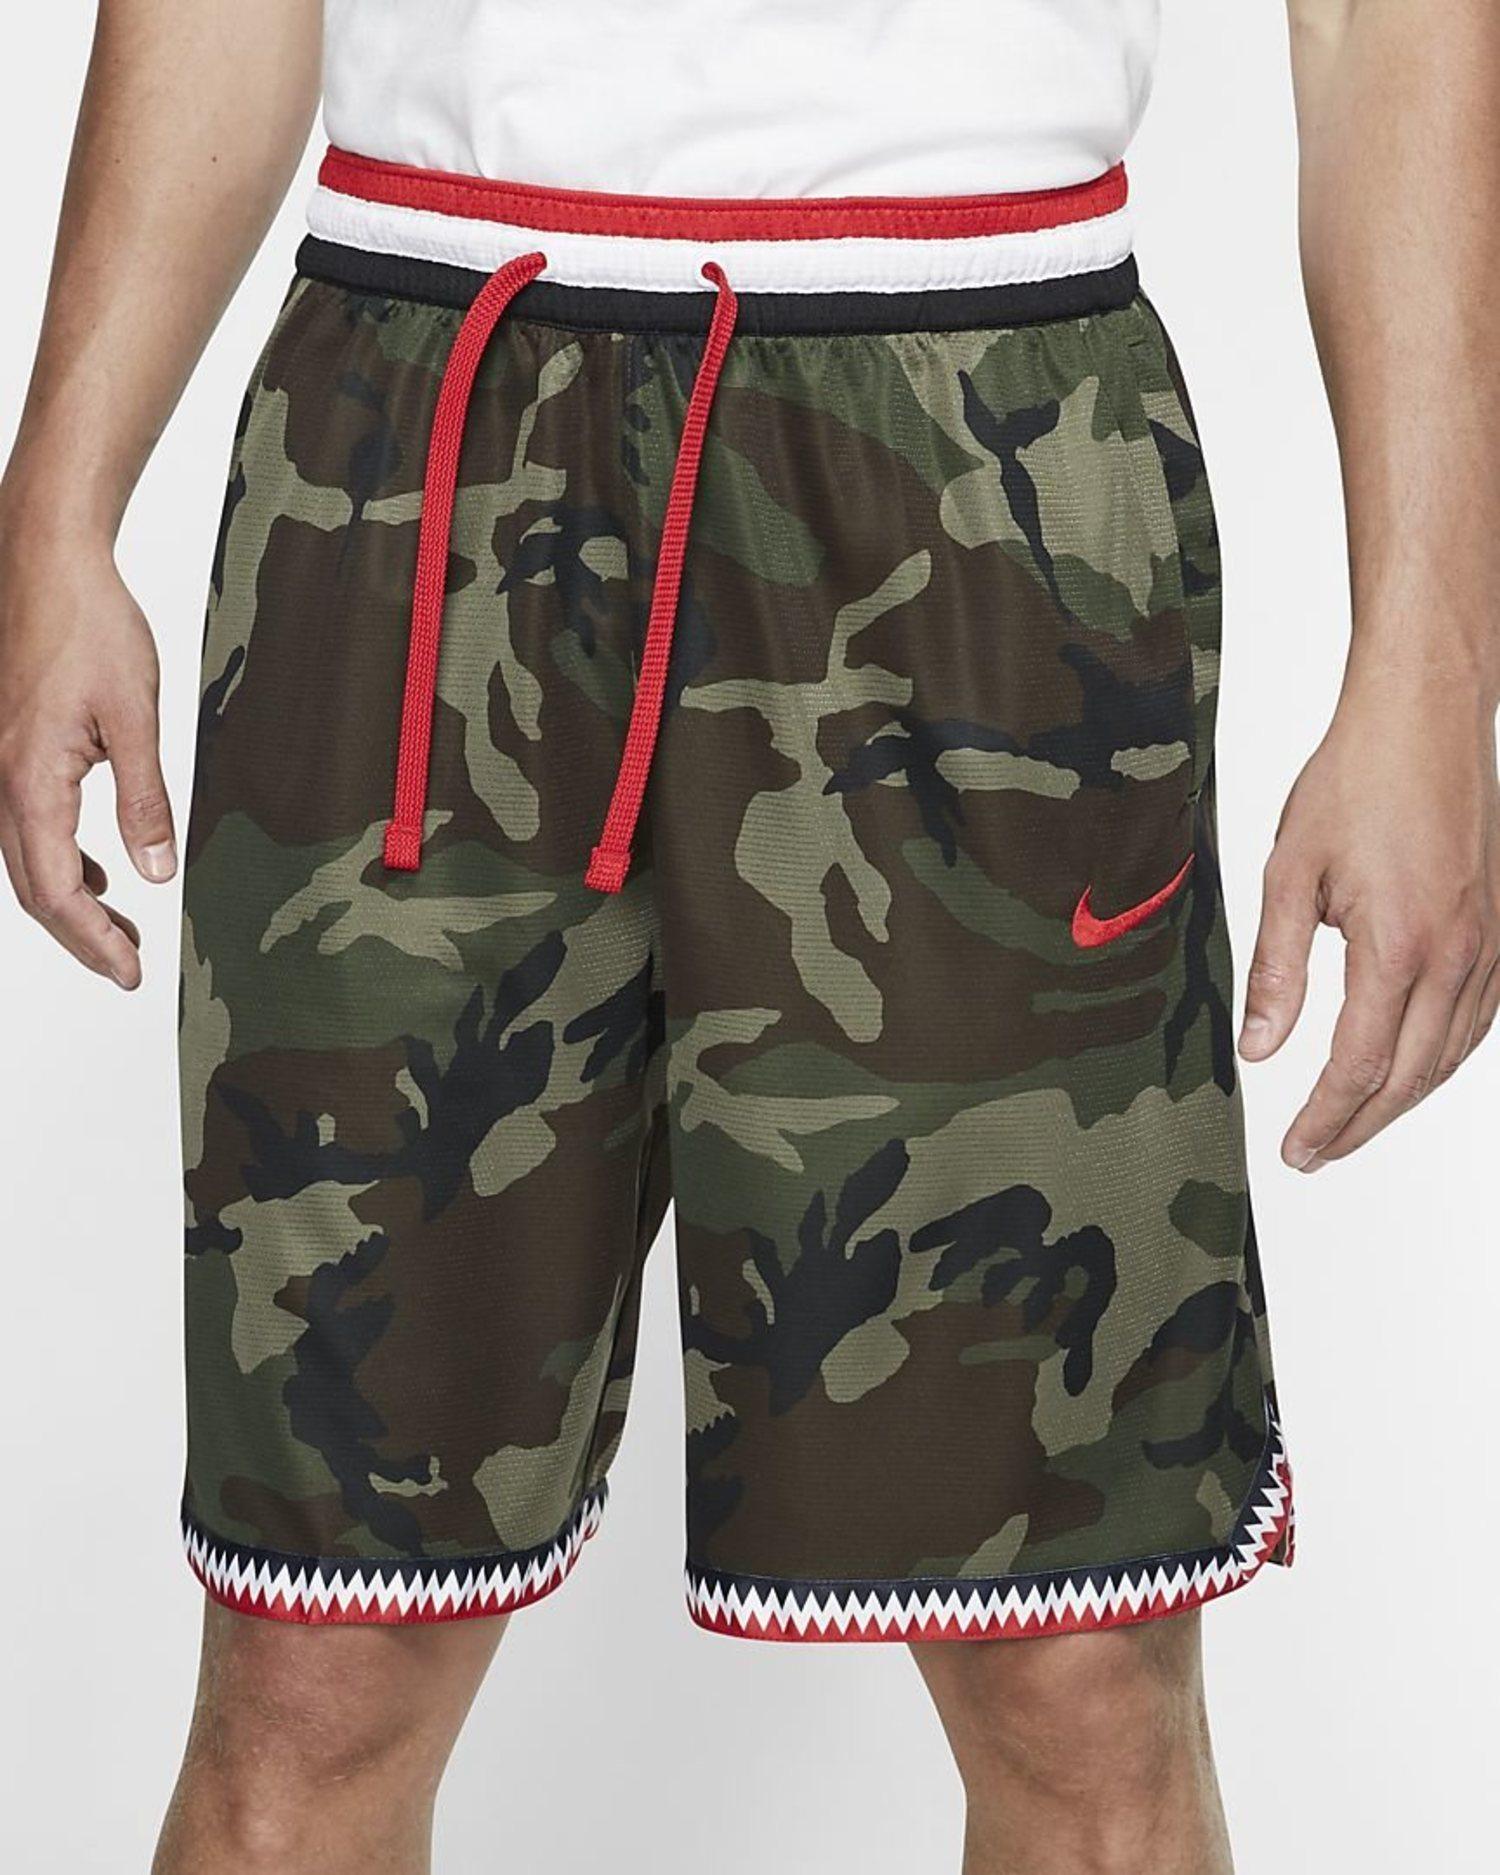 Pantalón corto de baloncesto con el estampado 'camo' y detalles rojos de Nike.